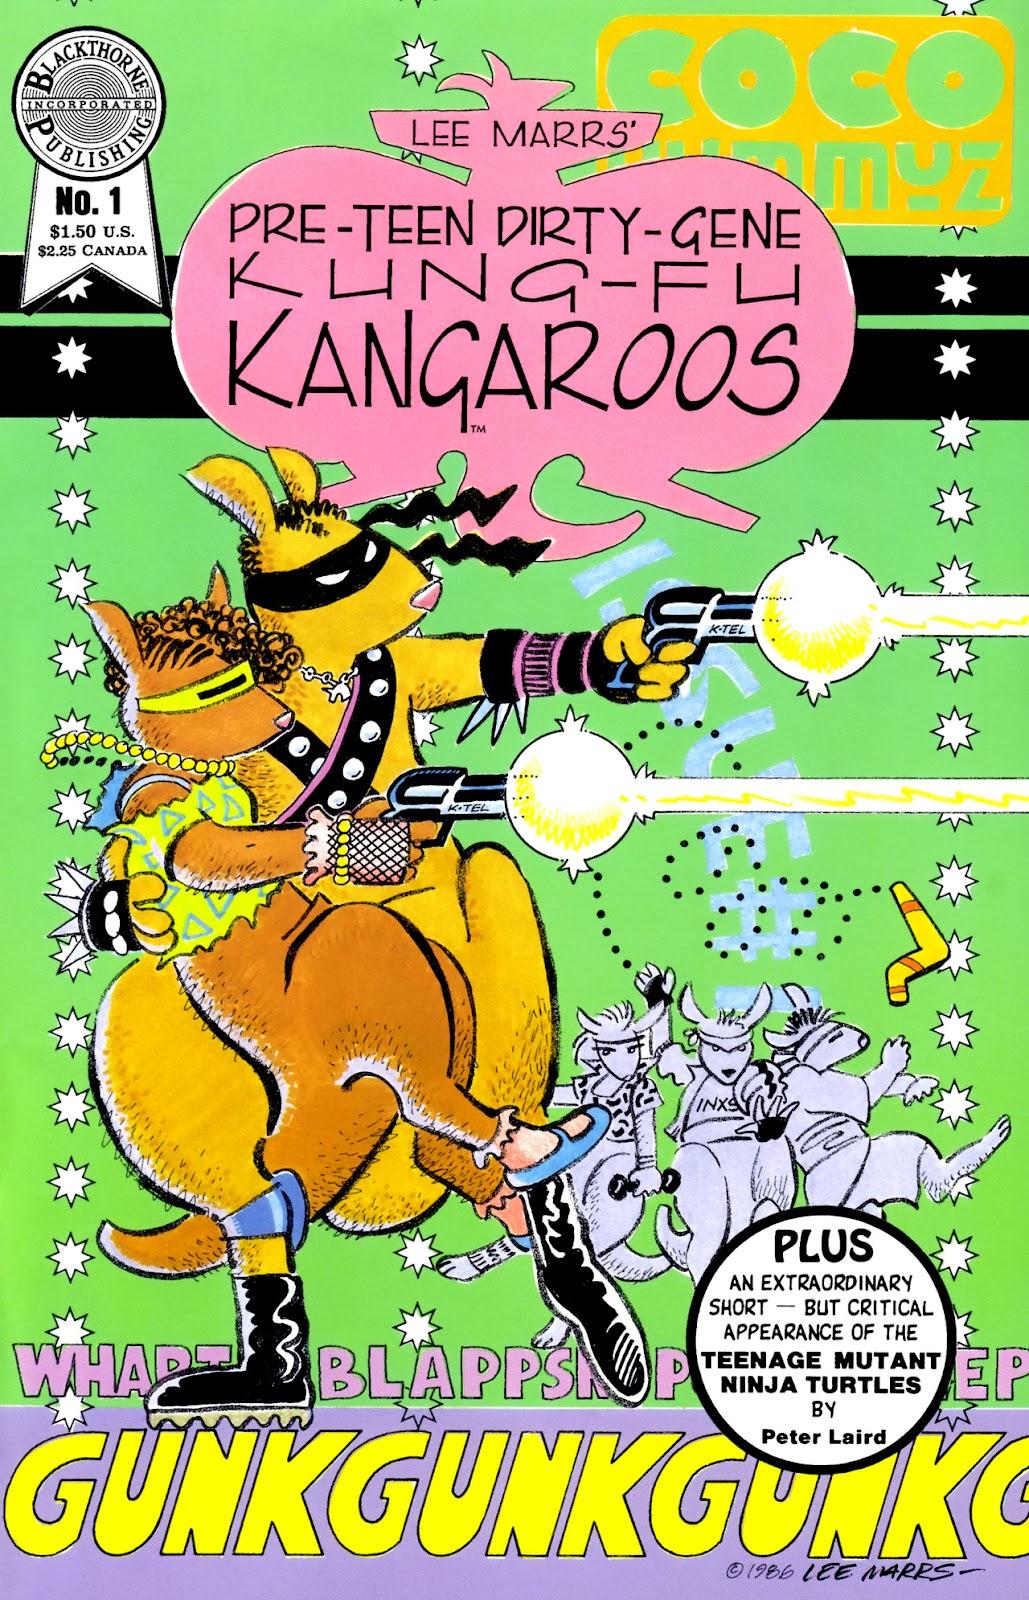 Pre-Teen Dirty-Gene Kung-Fu Kangaroos issue 1 - Page 1